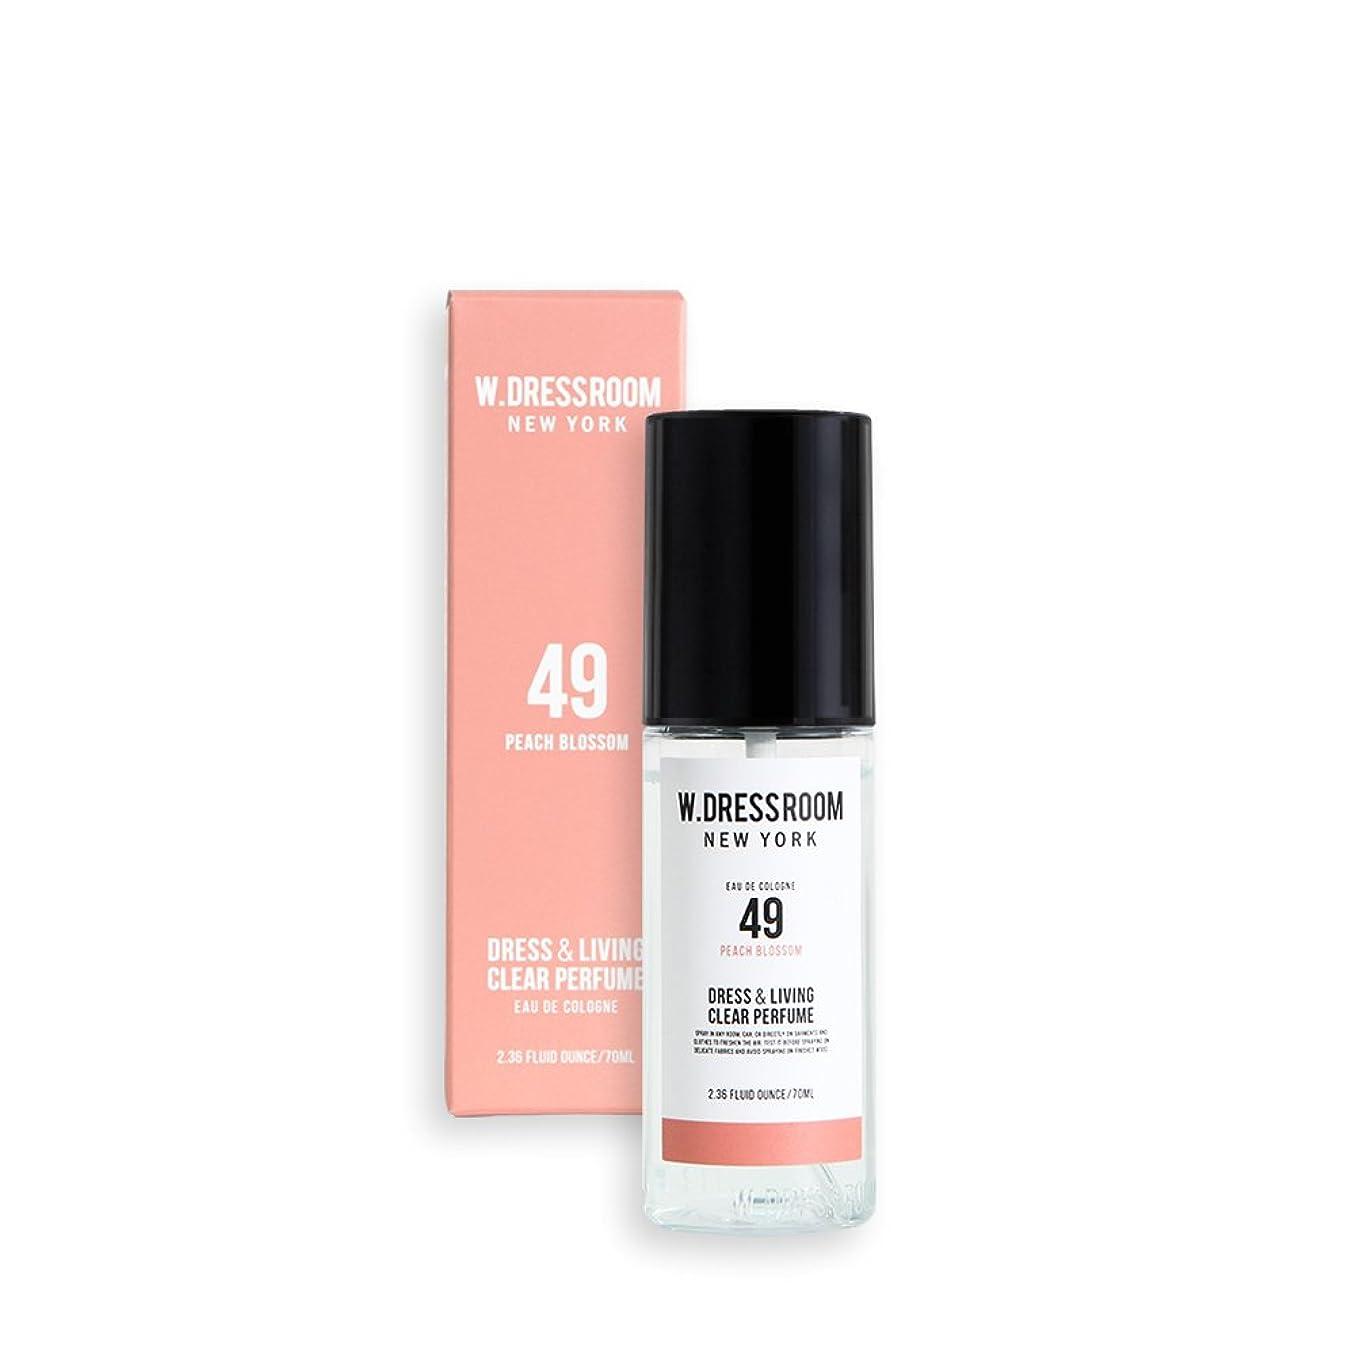 ガレージイノセンス伝染病W.DRESSROOM Dress & Living Clear Perfume 70ml/ダブルドレスルーム ドレス&リビング クリア パフューム 70ml (#No.49 Peach Blossom) [並行輸入品]